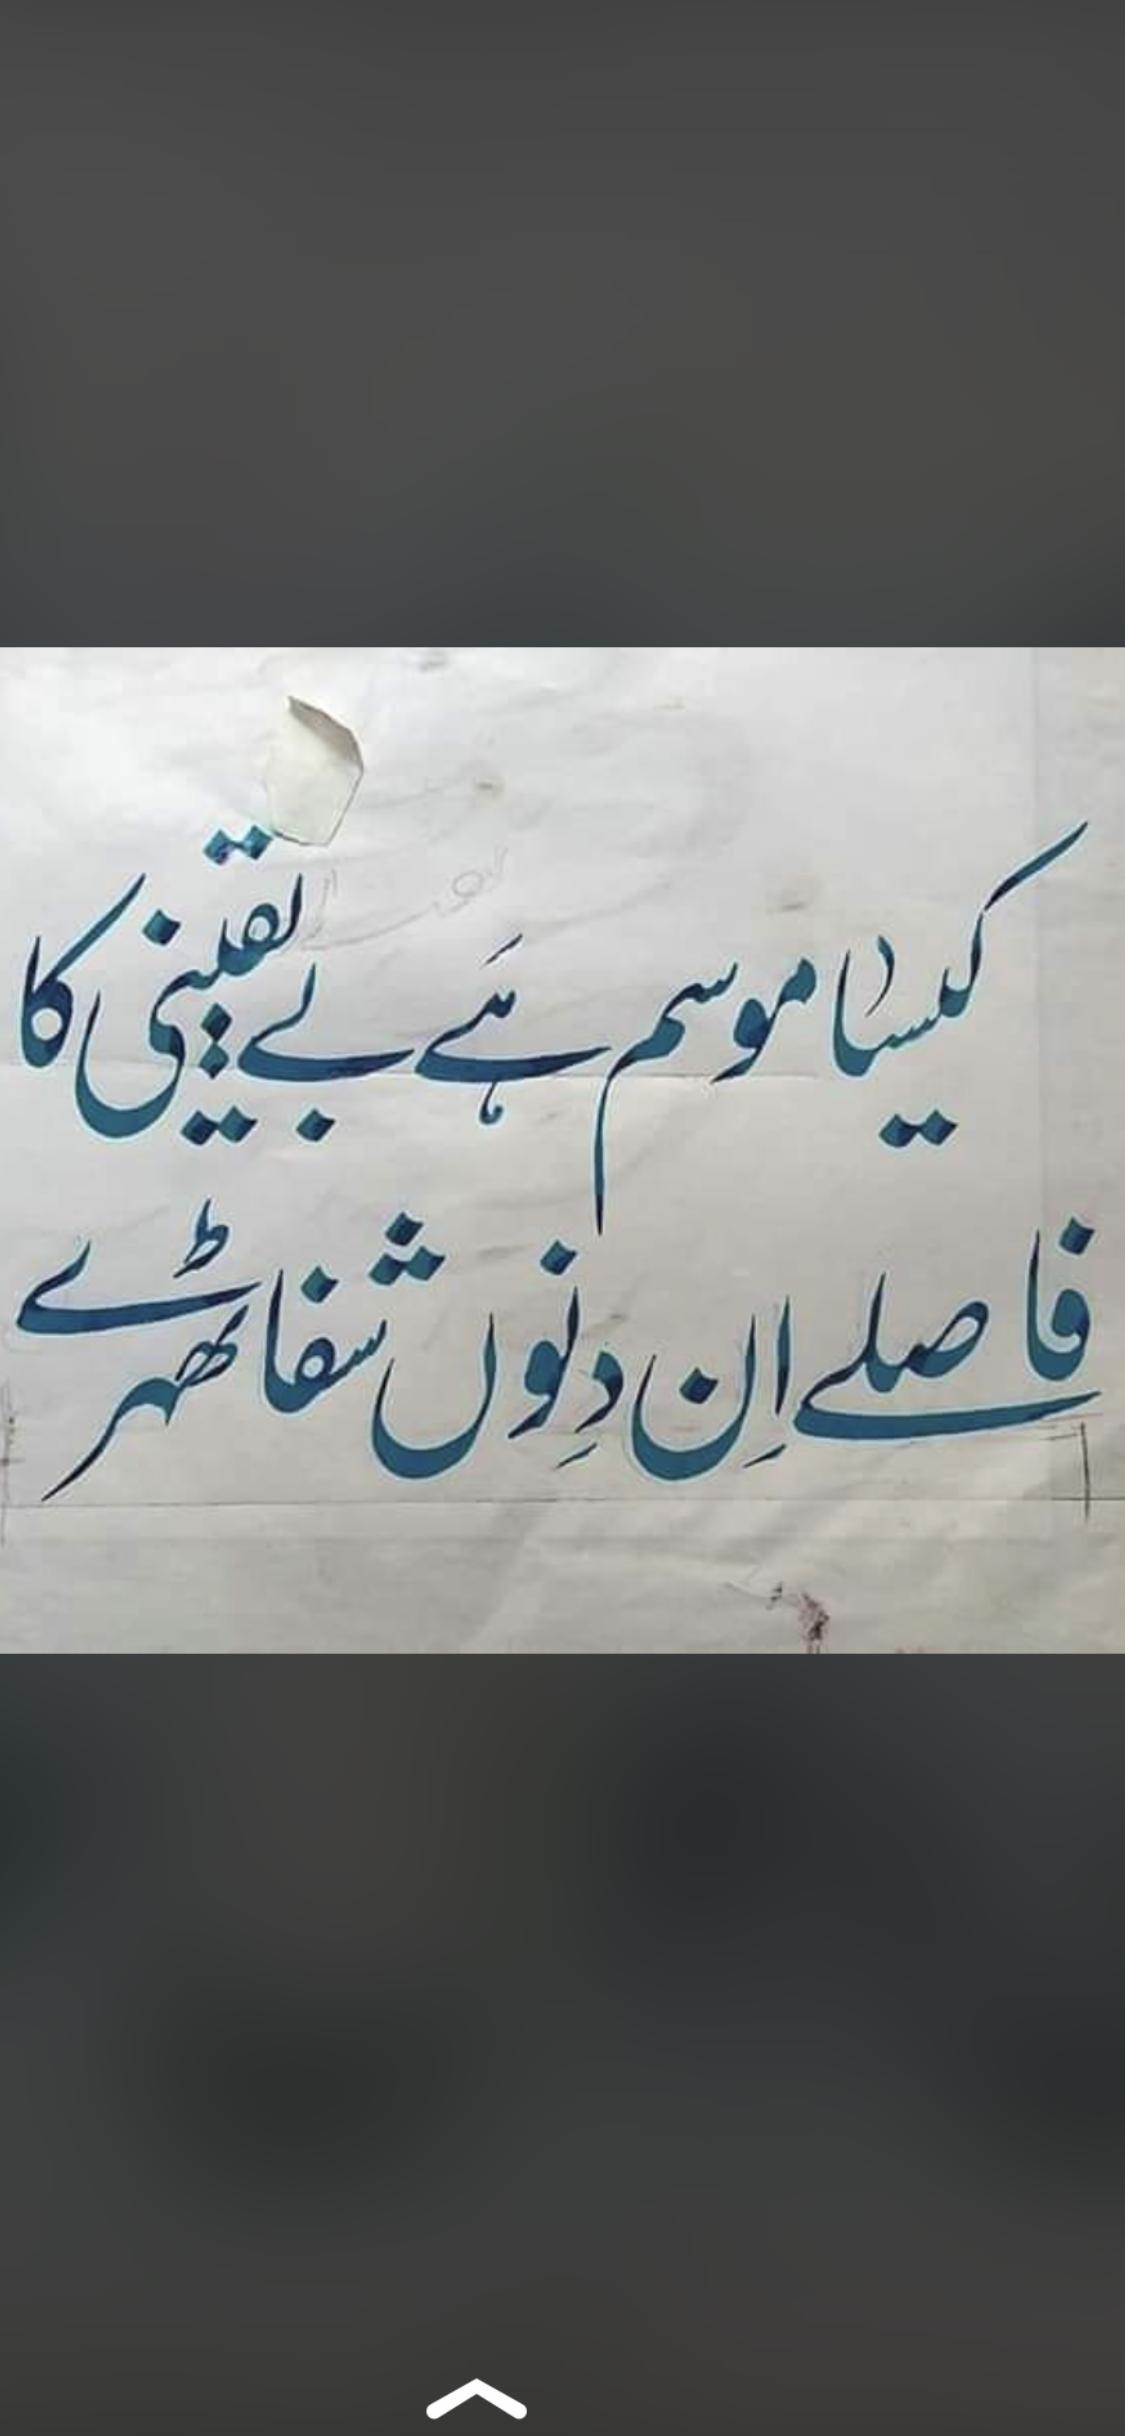 Pin by MaStaaNi💔 🙏 on Anaa | My poetry, Urdu poetry, Urdu